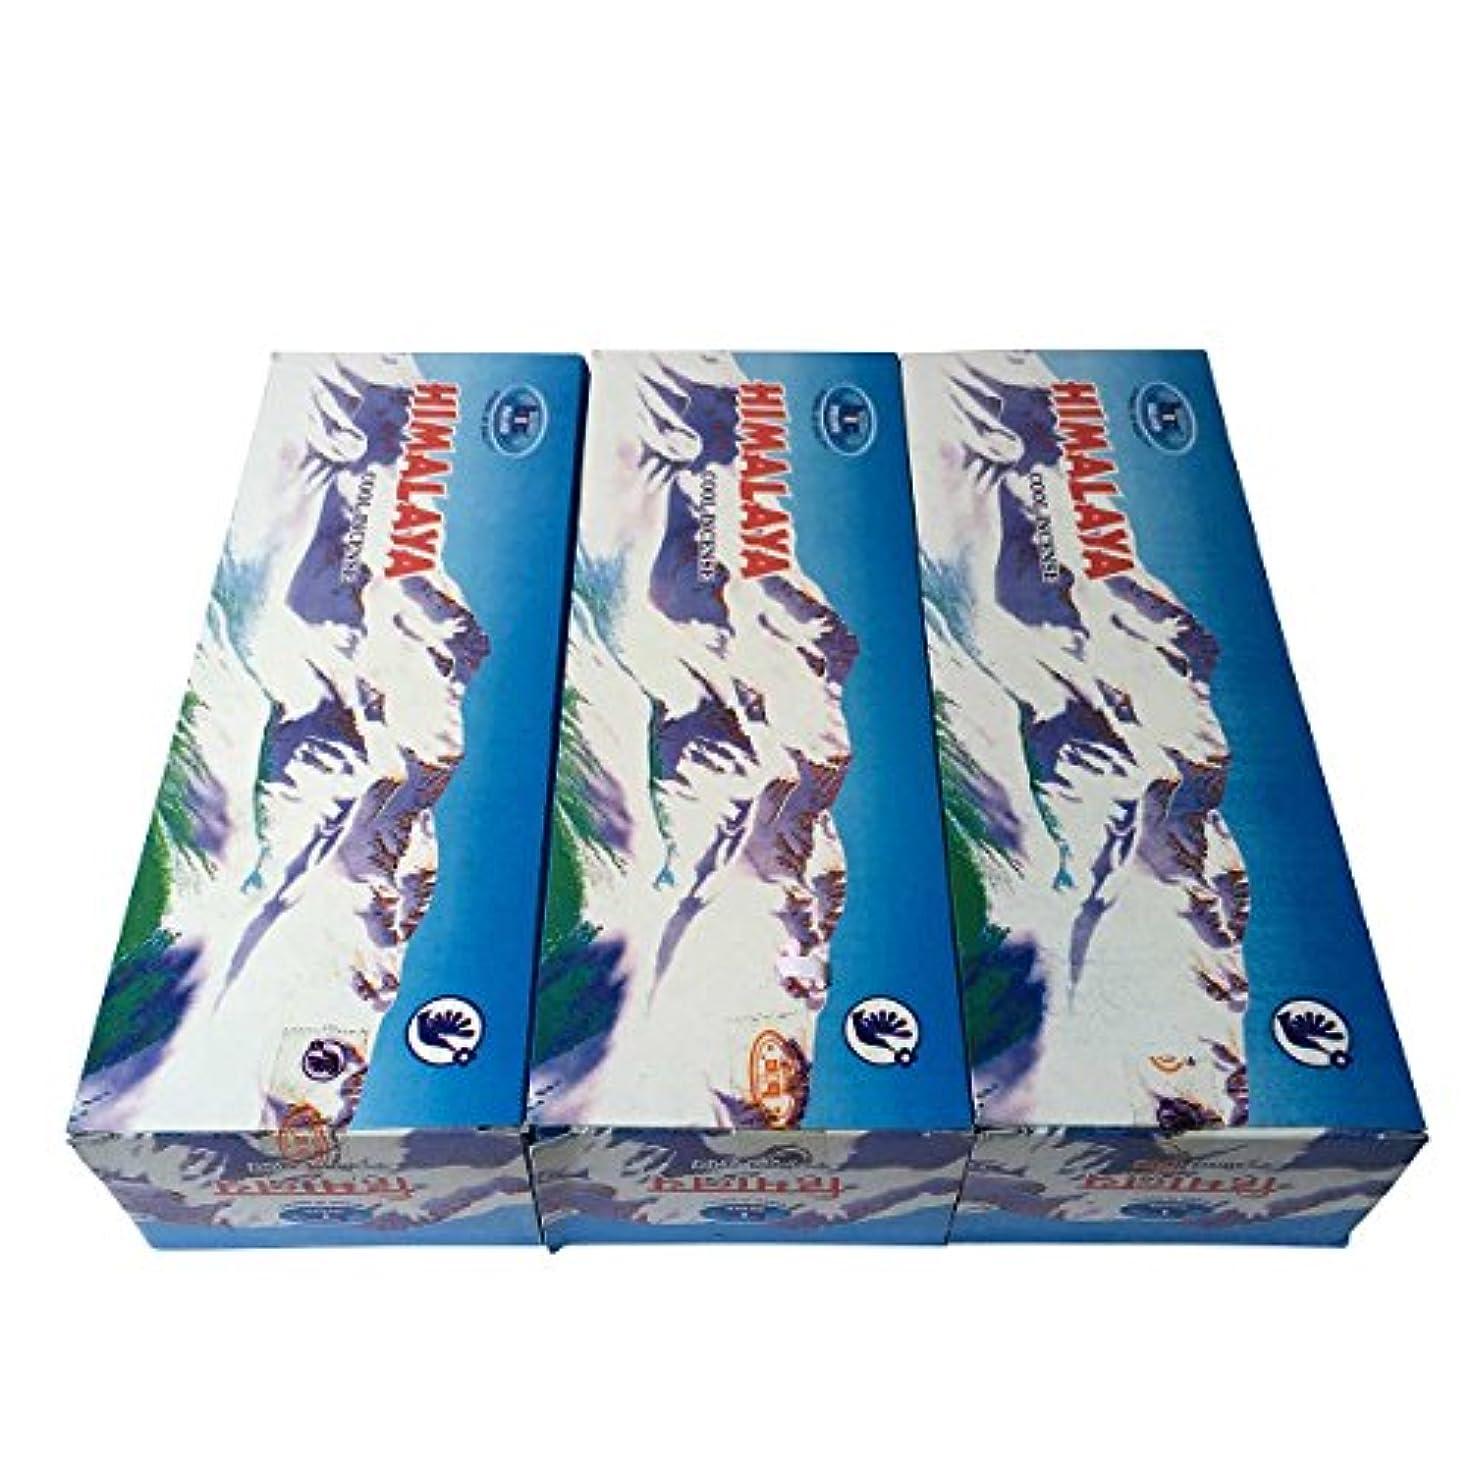 主張する別々にアサーヒマラヤ香スティック 3BOX(18箱) /BIC HIMARAYA/インセンス/インド香 お香 [並行輸入品]